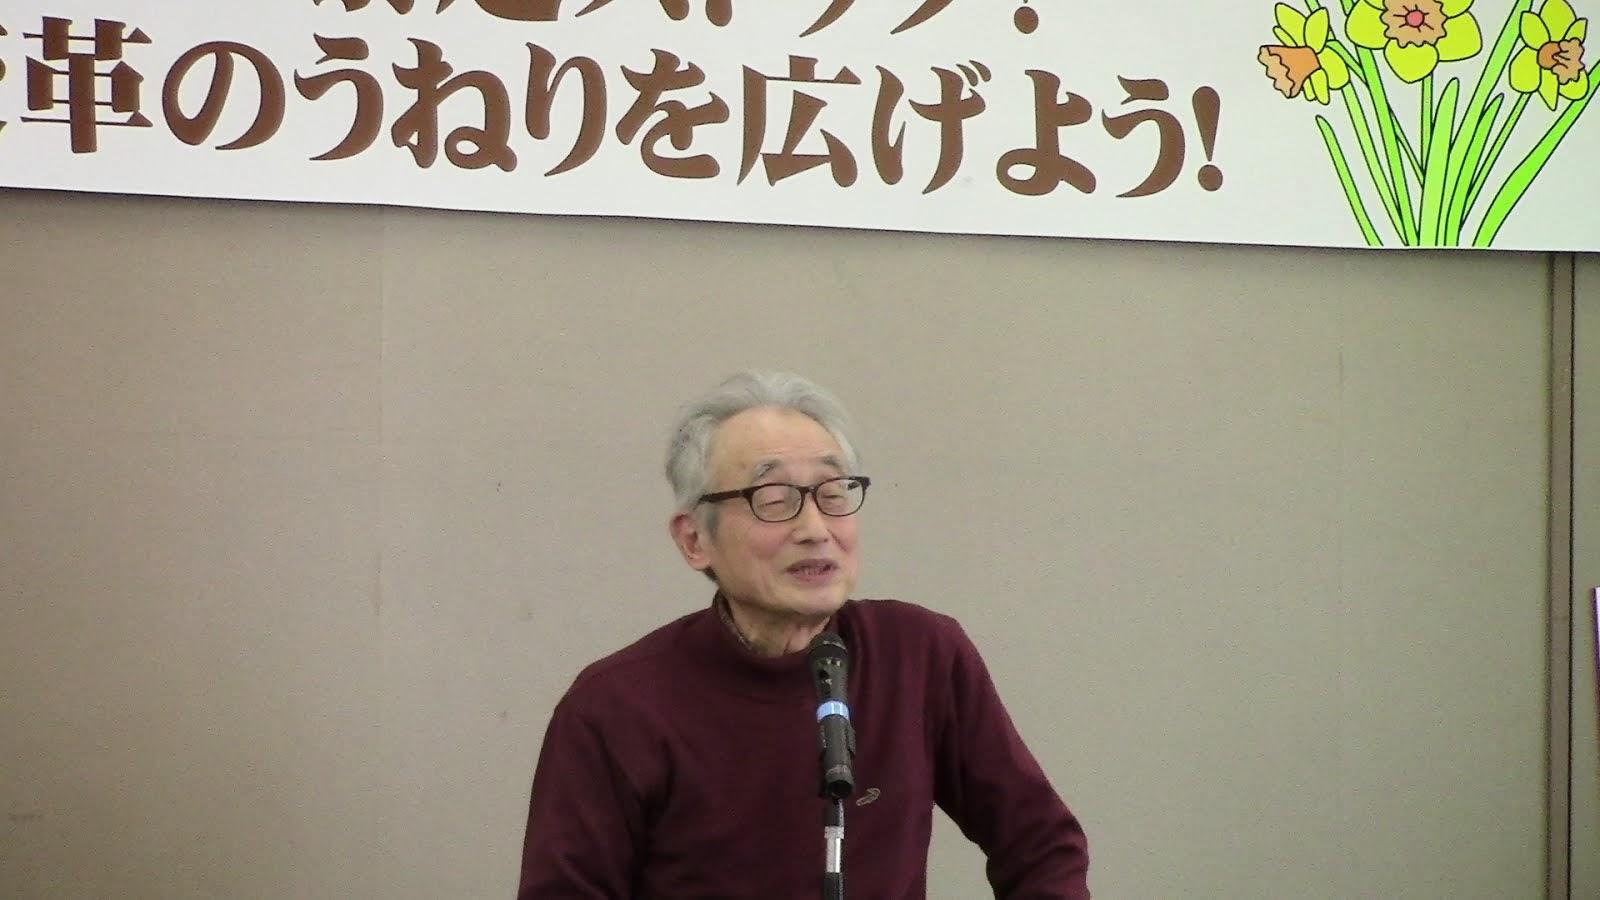 倉本朝夫(東久留米革新懇)   憲法宣伝で共同が進み継続している!